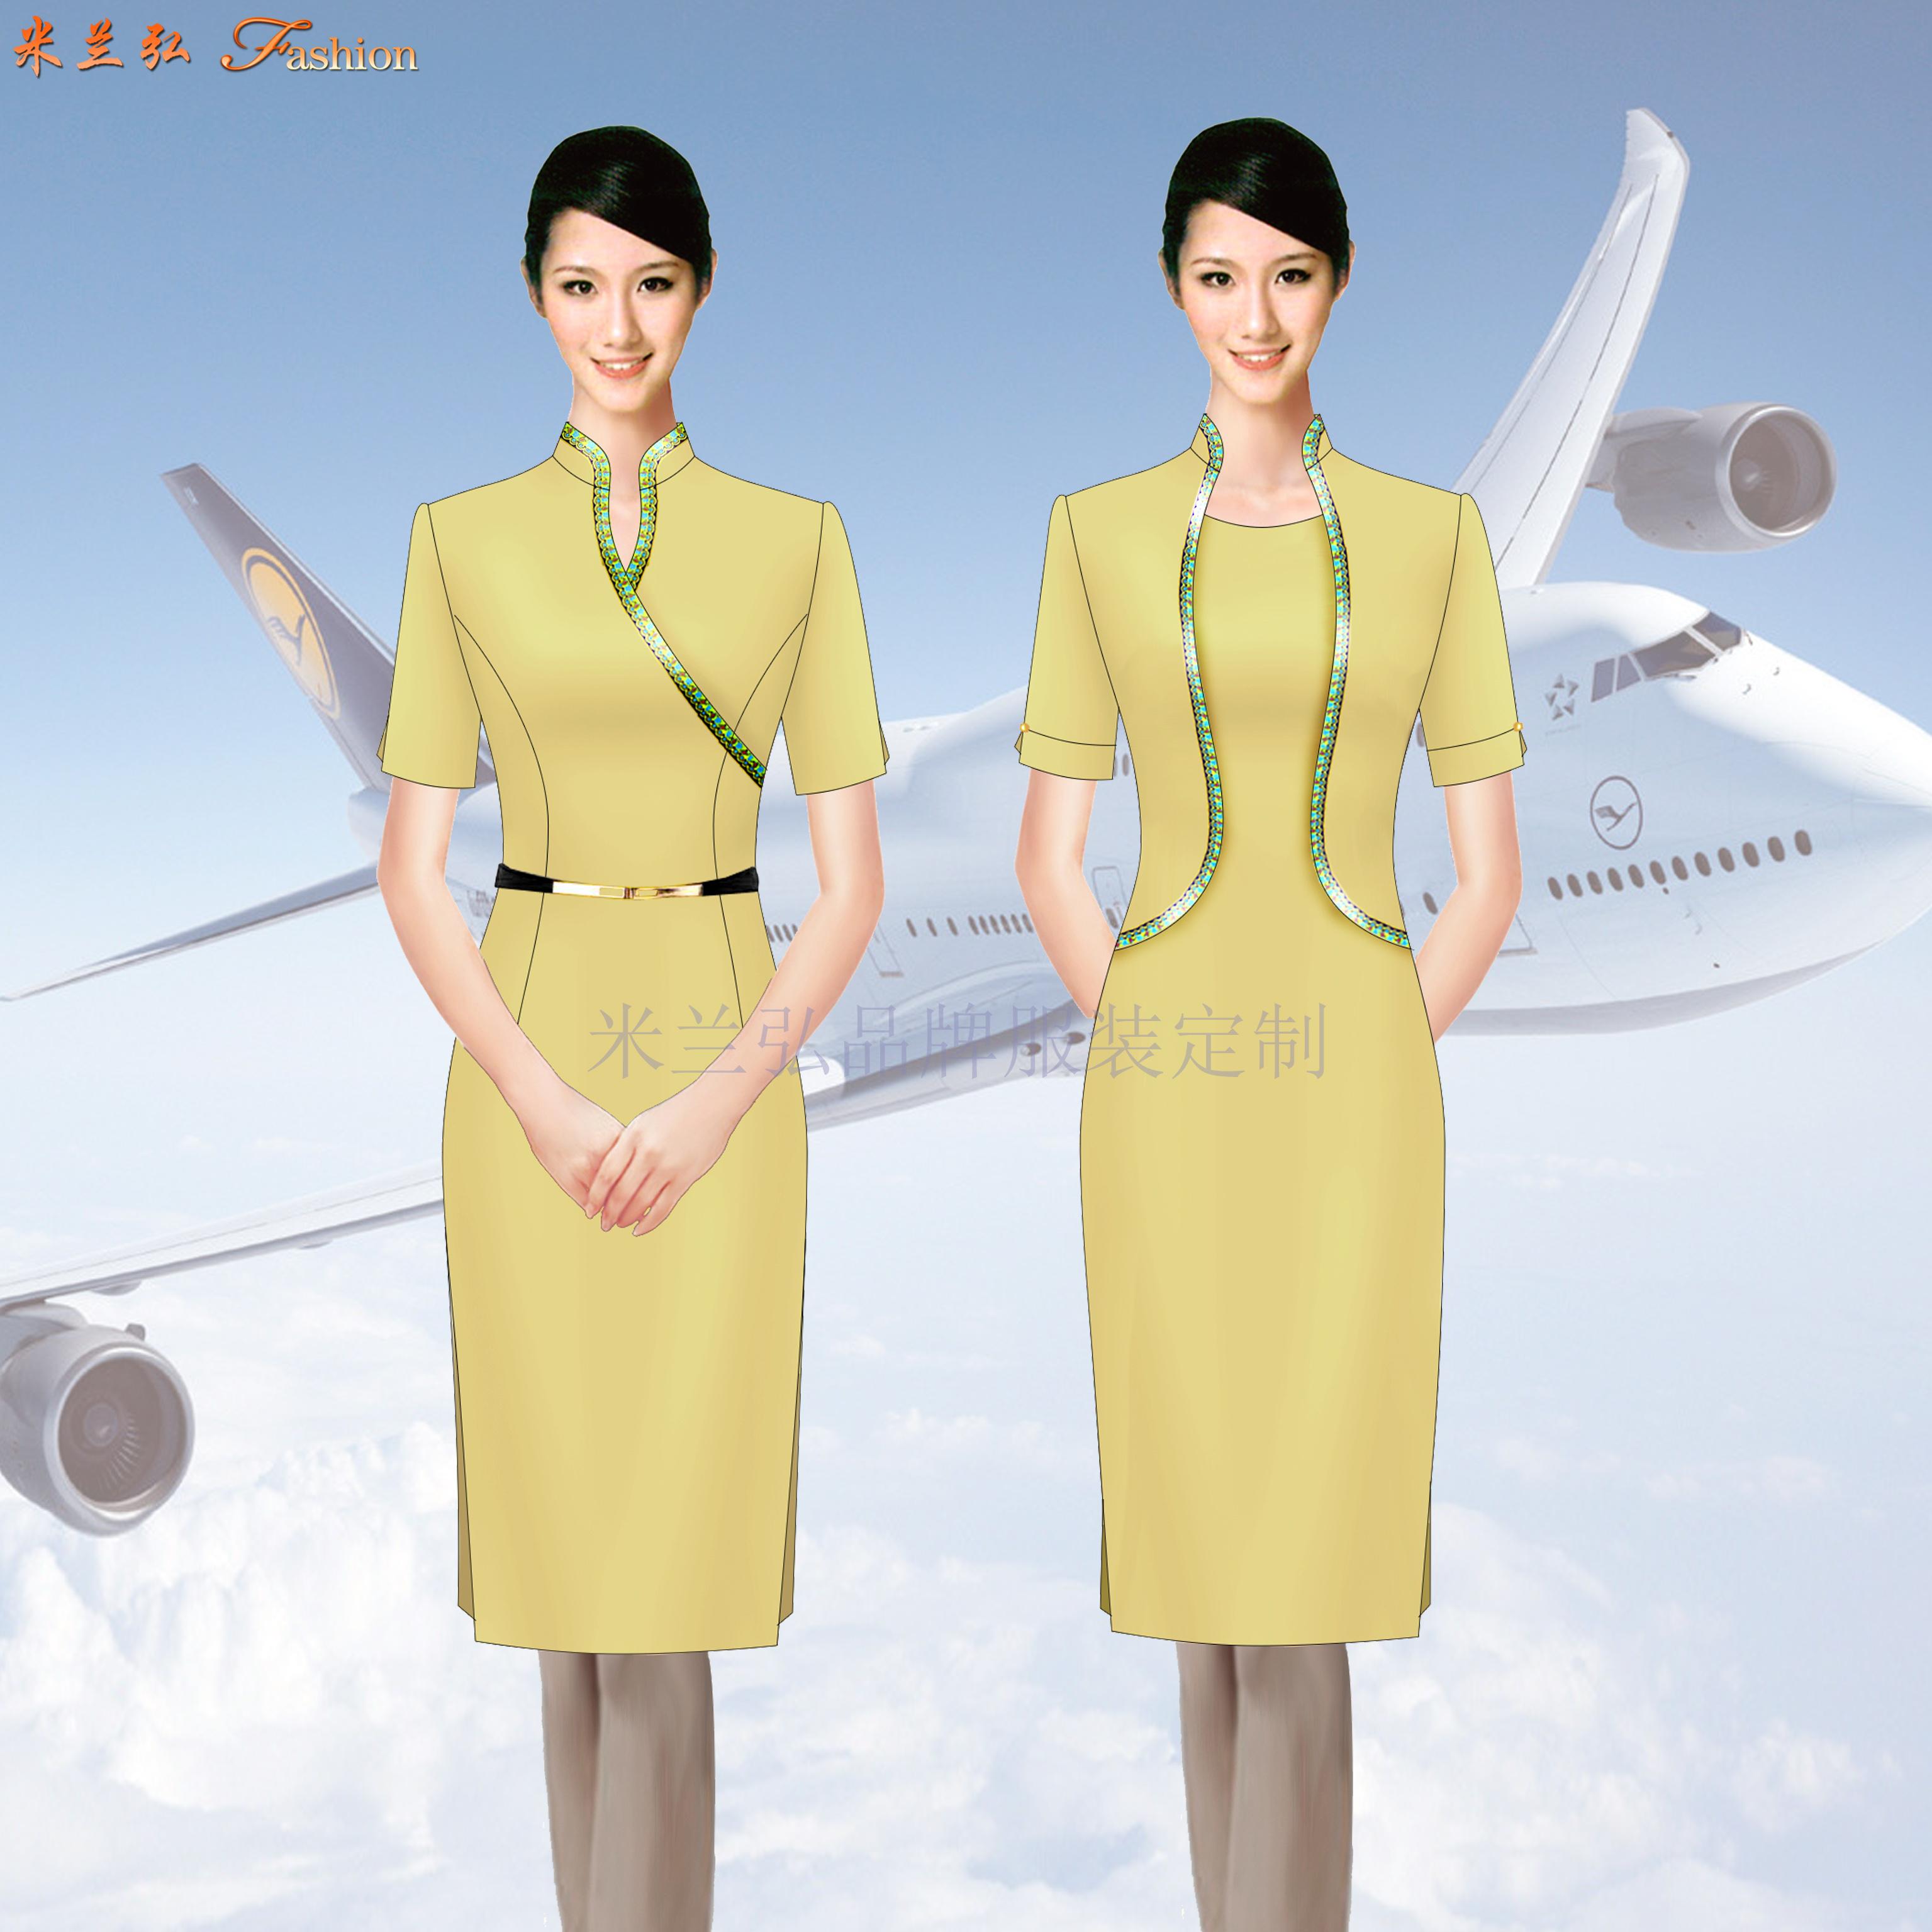 空乘連衣裙_大型航空公司空乘連衣裙定做-米蘭弘服裝廠家-3